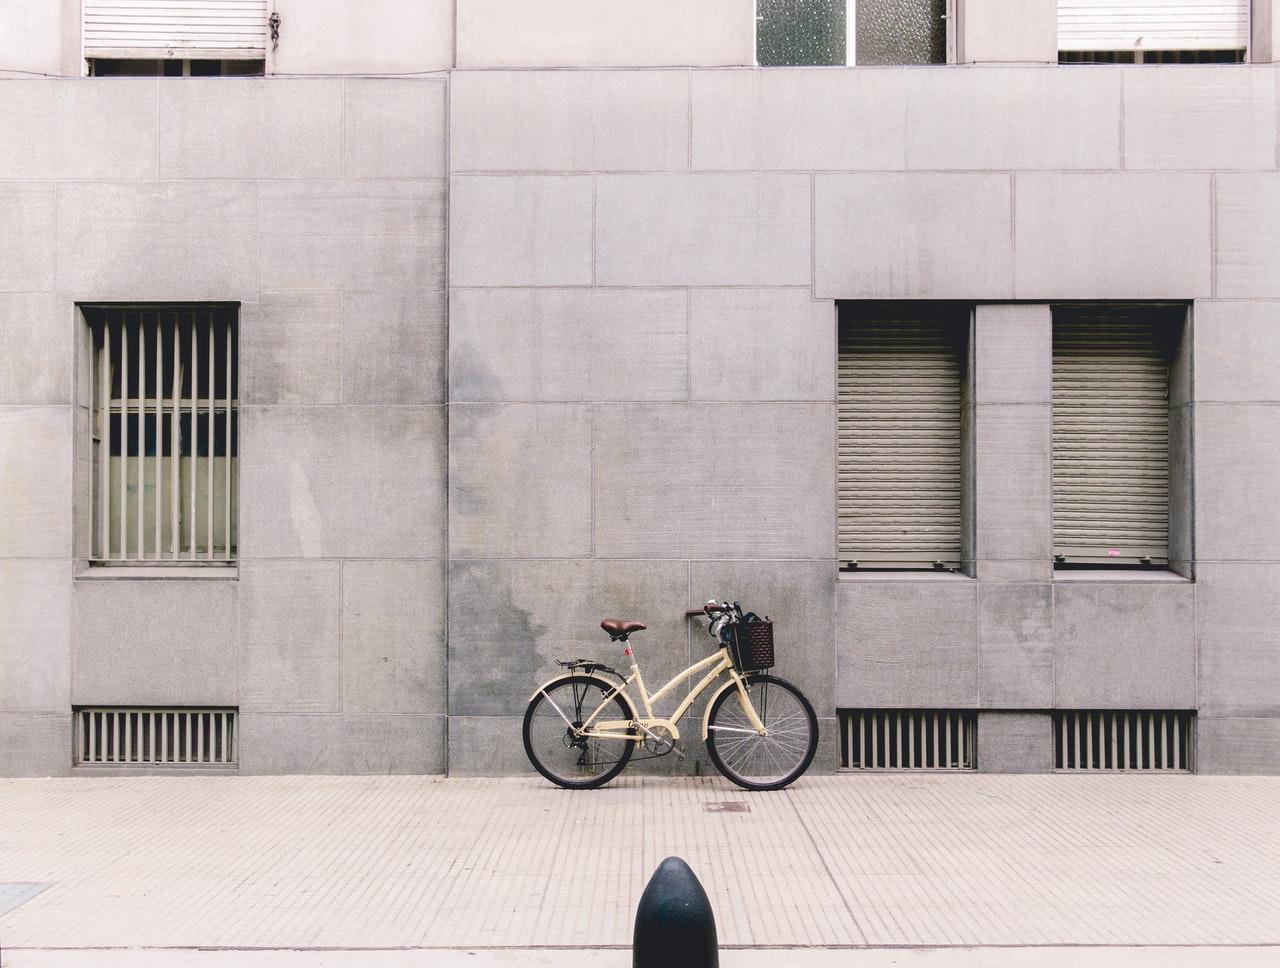 Hoe kun je een gestolen fiets terugvinden?